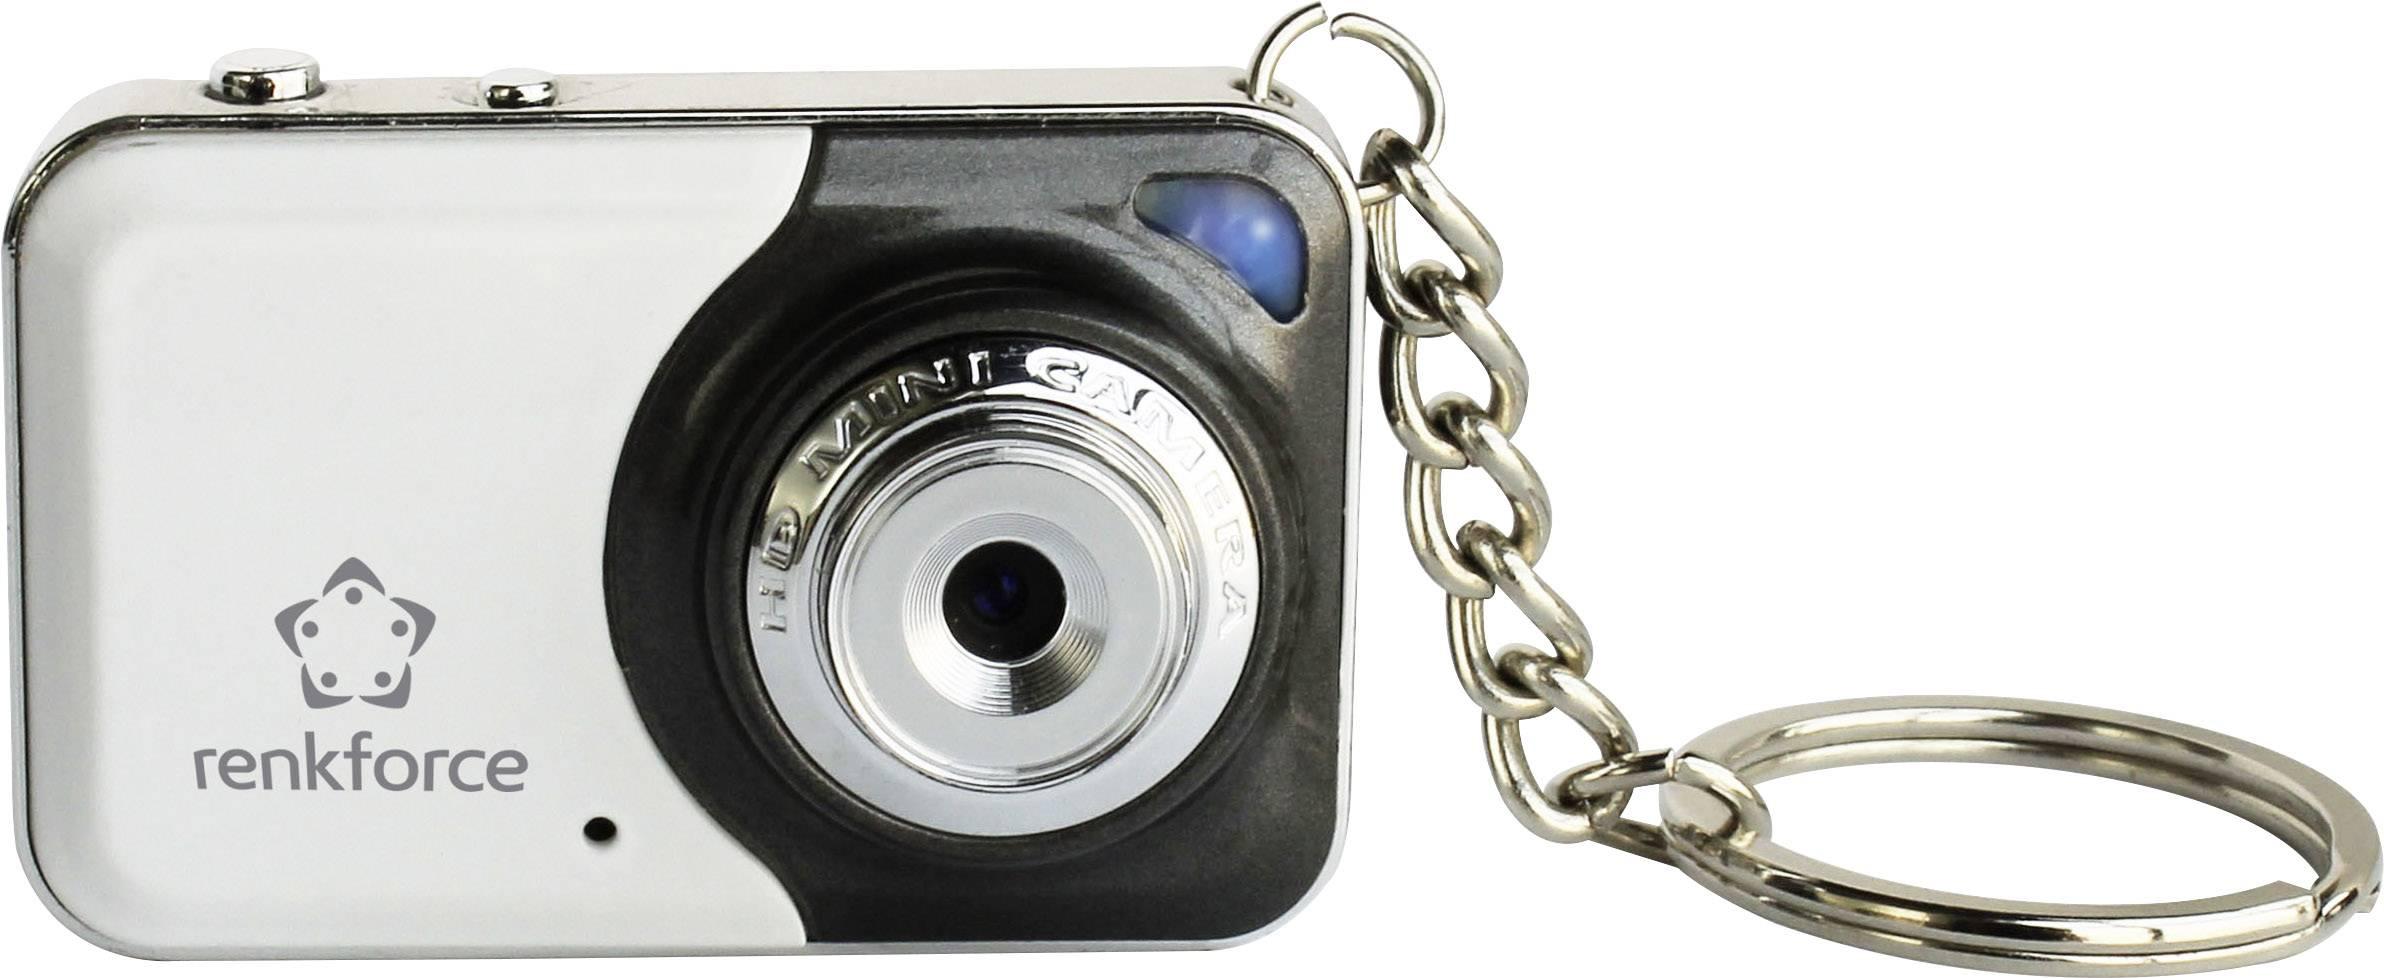 Skrytá bezpečnostní kamera Renkforce 1387370, v přívěsku na klíče, 1280 x 960 pix